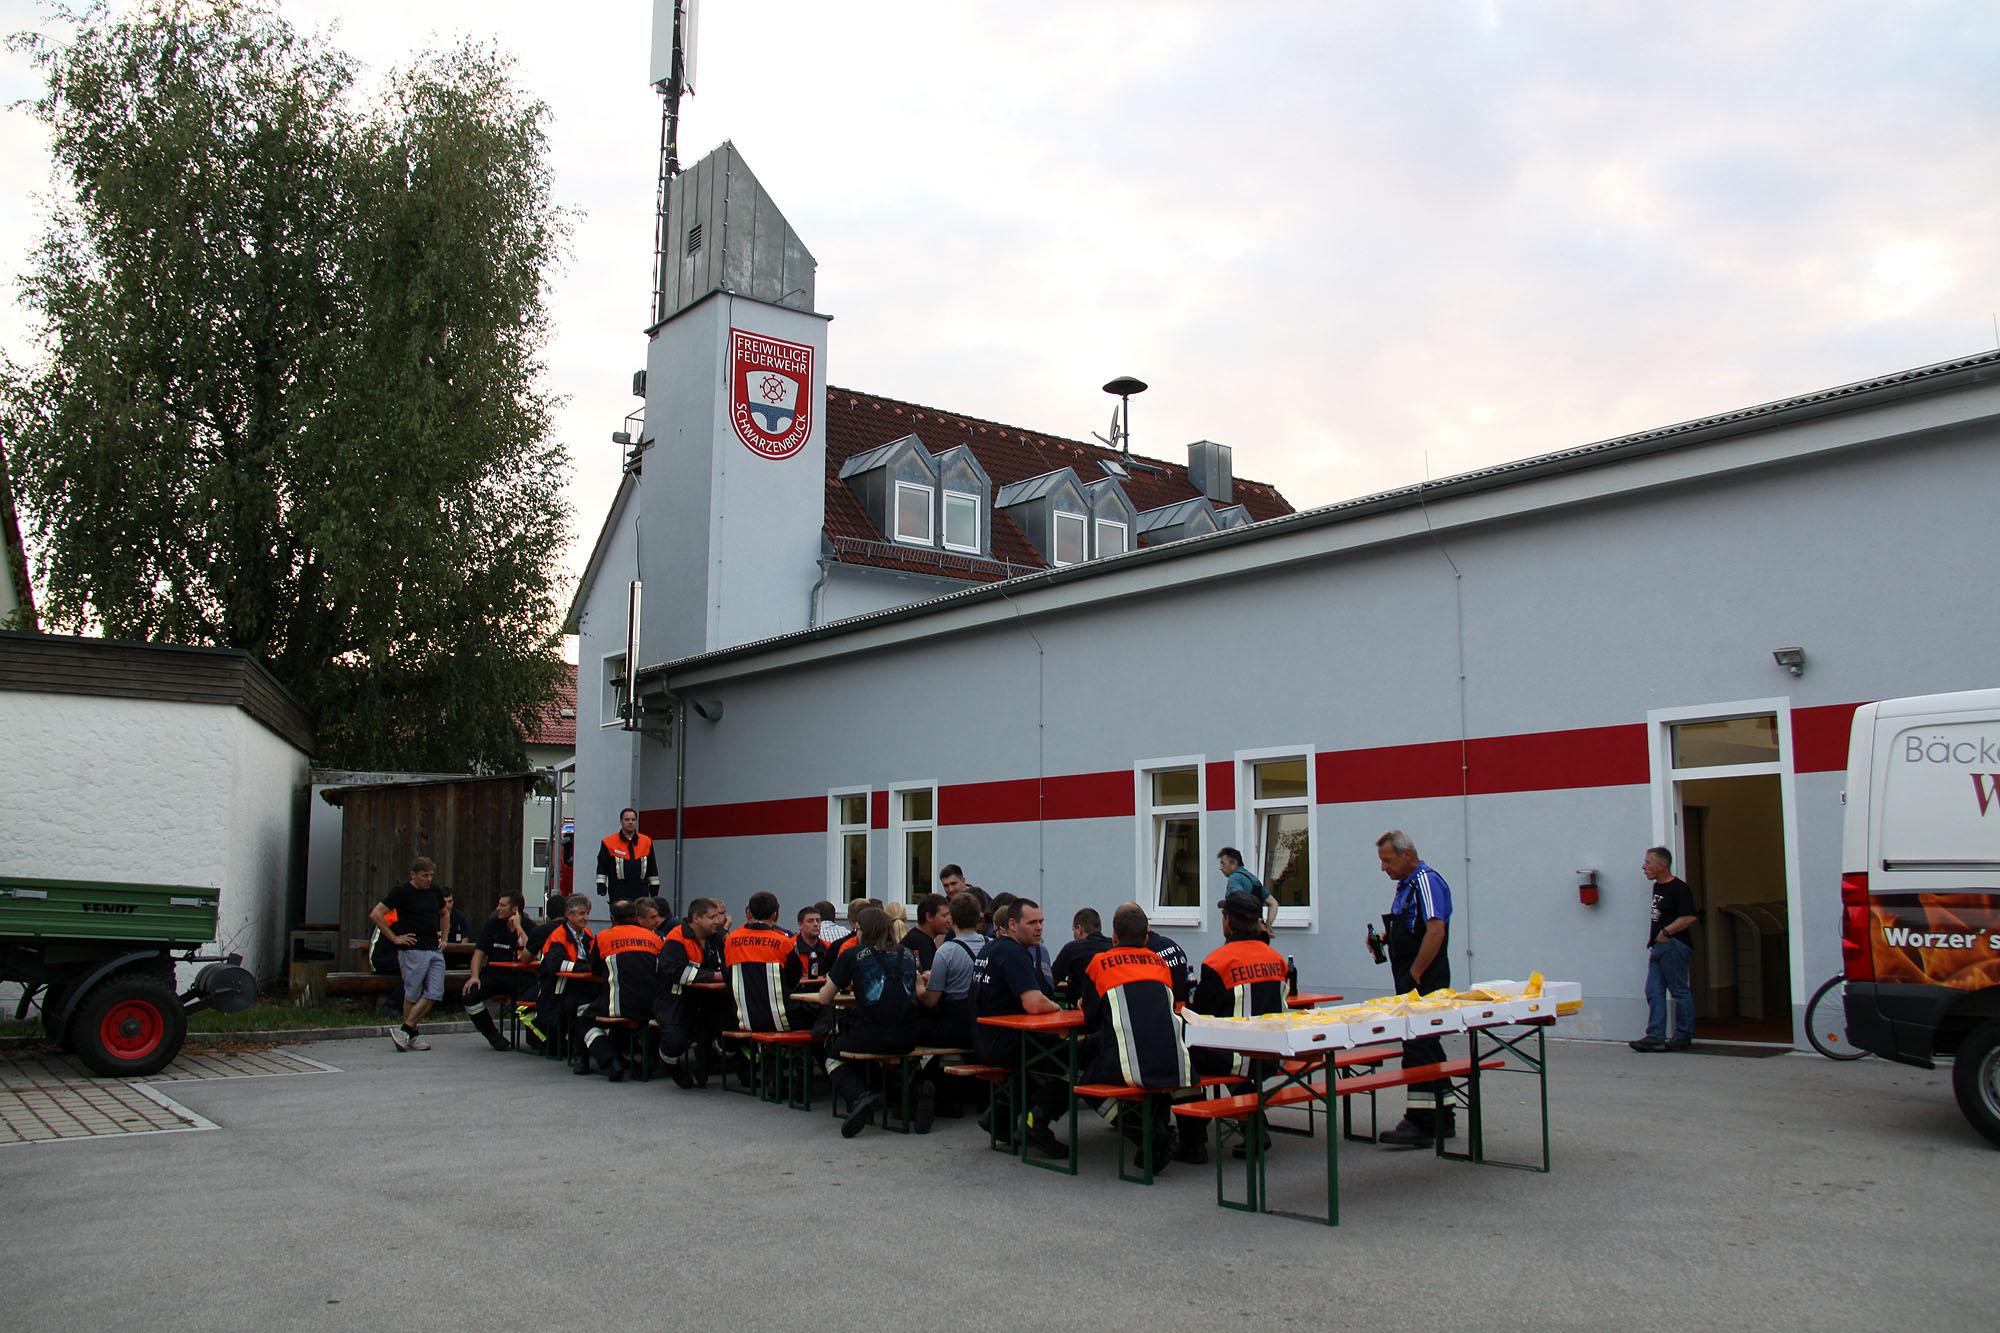 2015_08_21_Gemeindeuebung-Hohlstrahlrohre_140-2000p